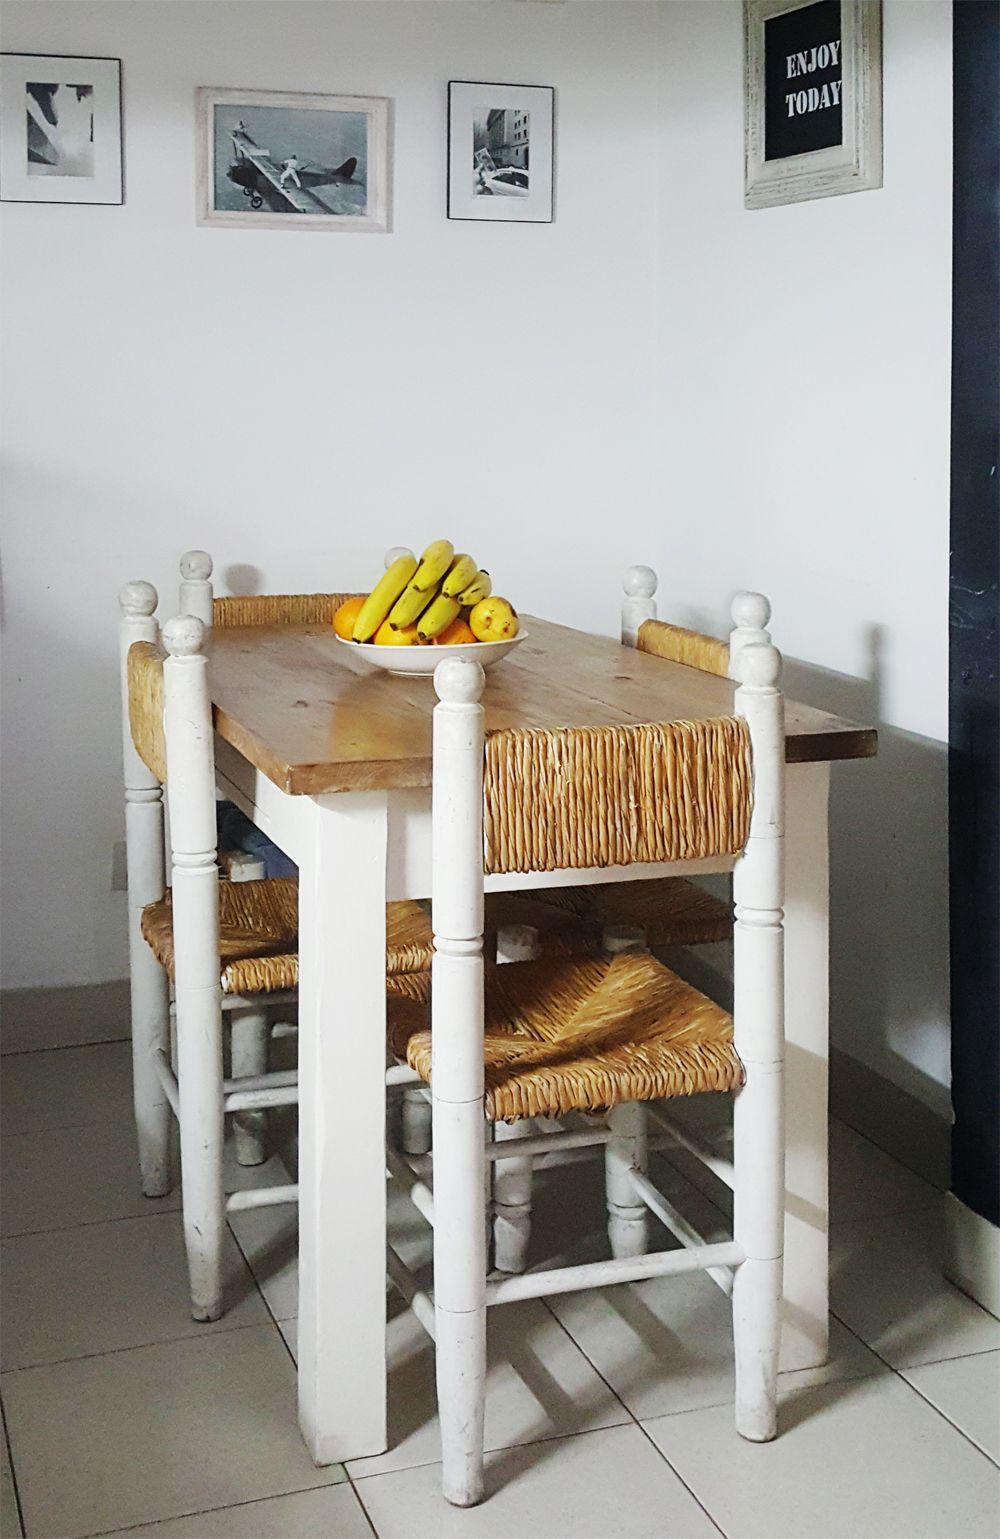 Isla de cocina antigua madera antigua madera for Cocinas de hierro antiguas